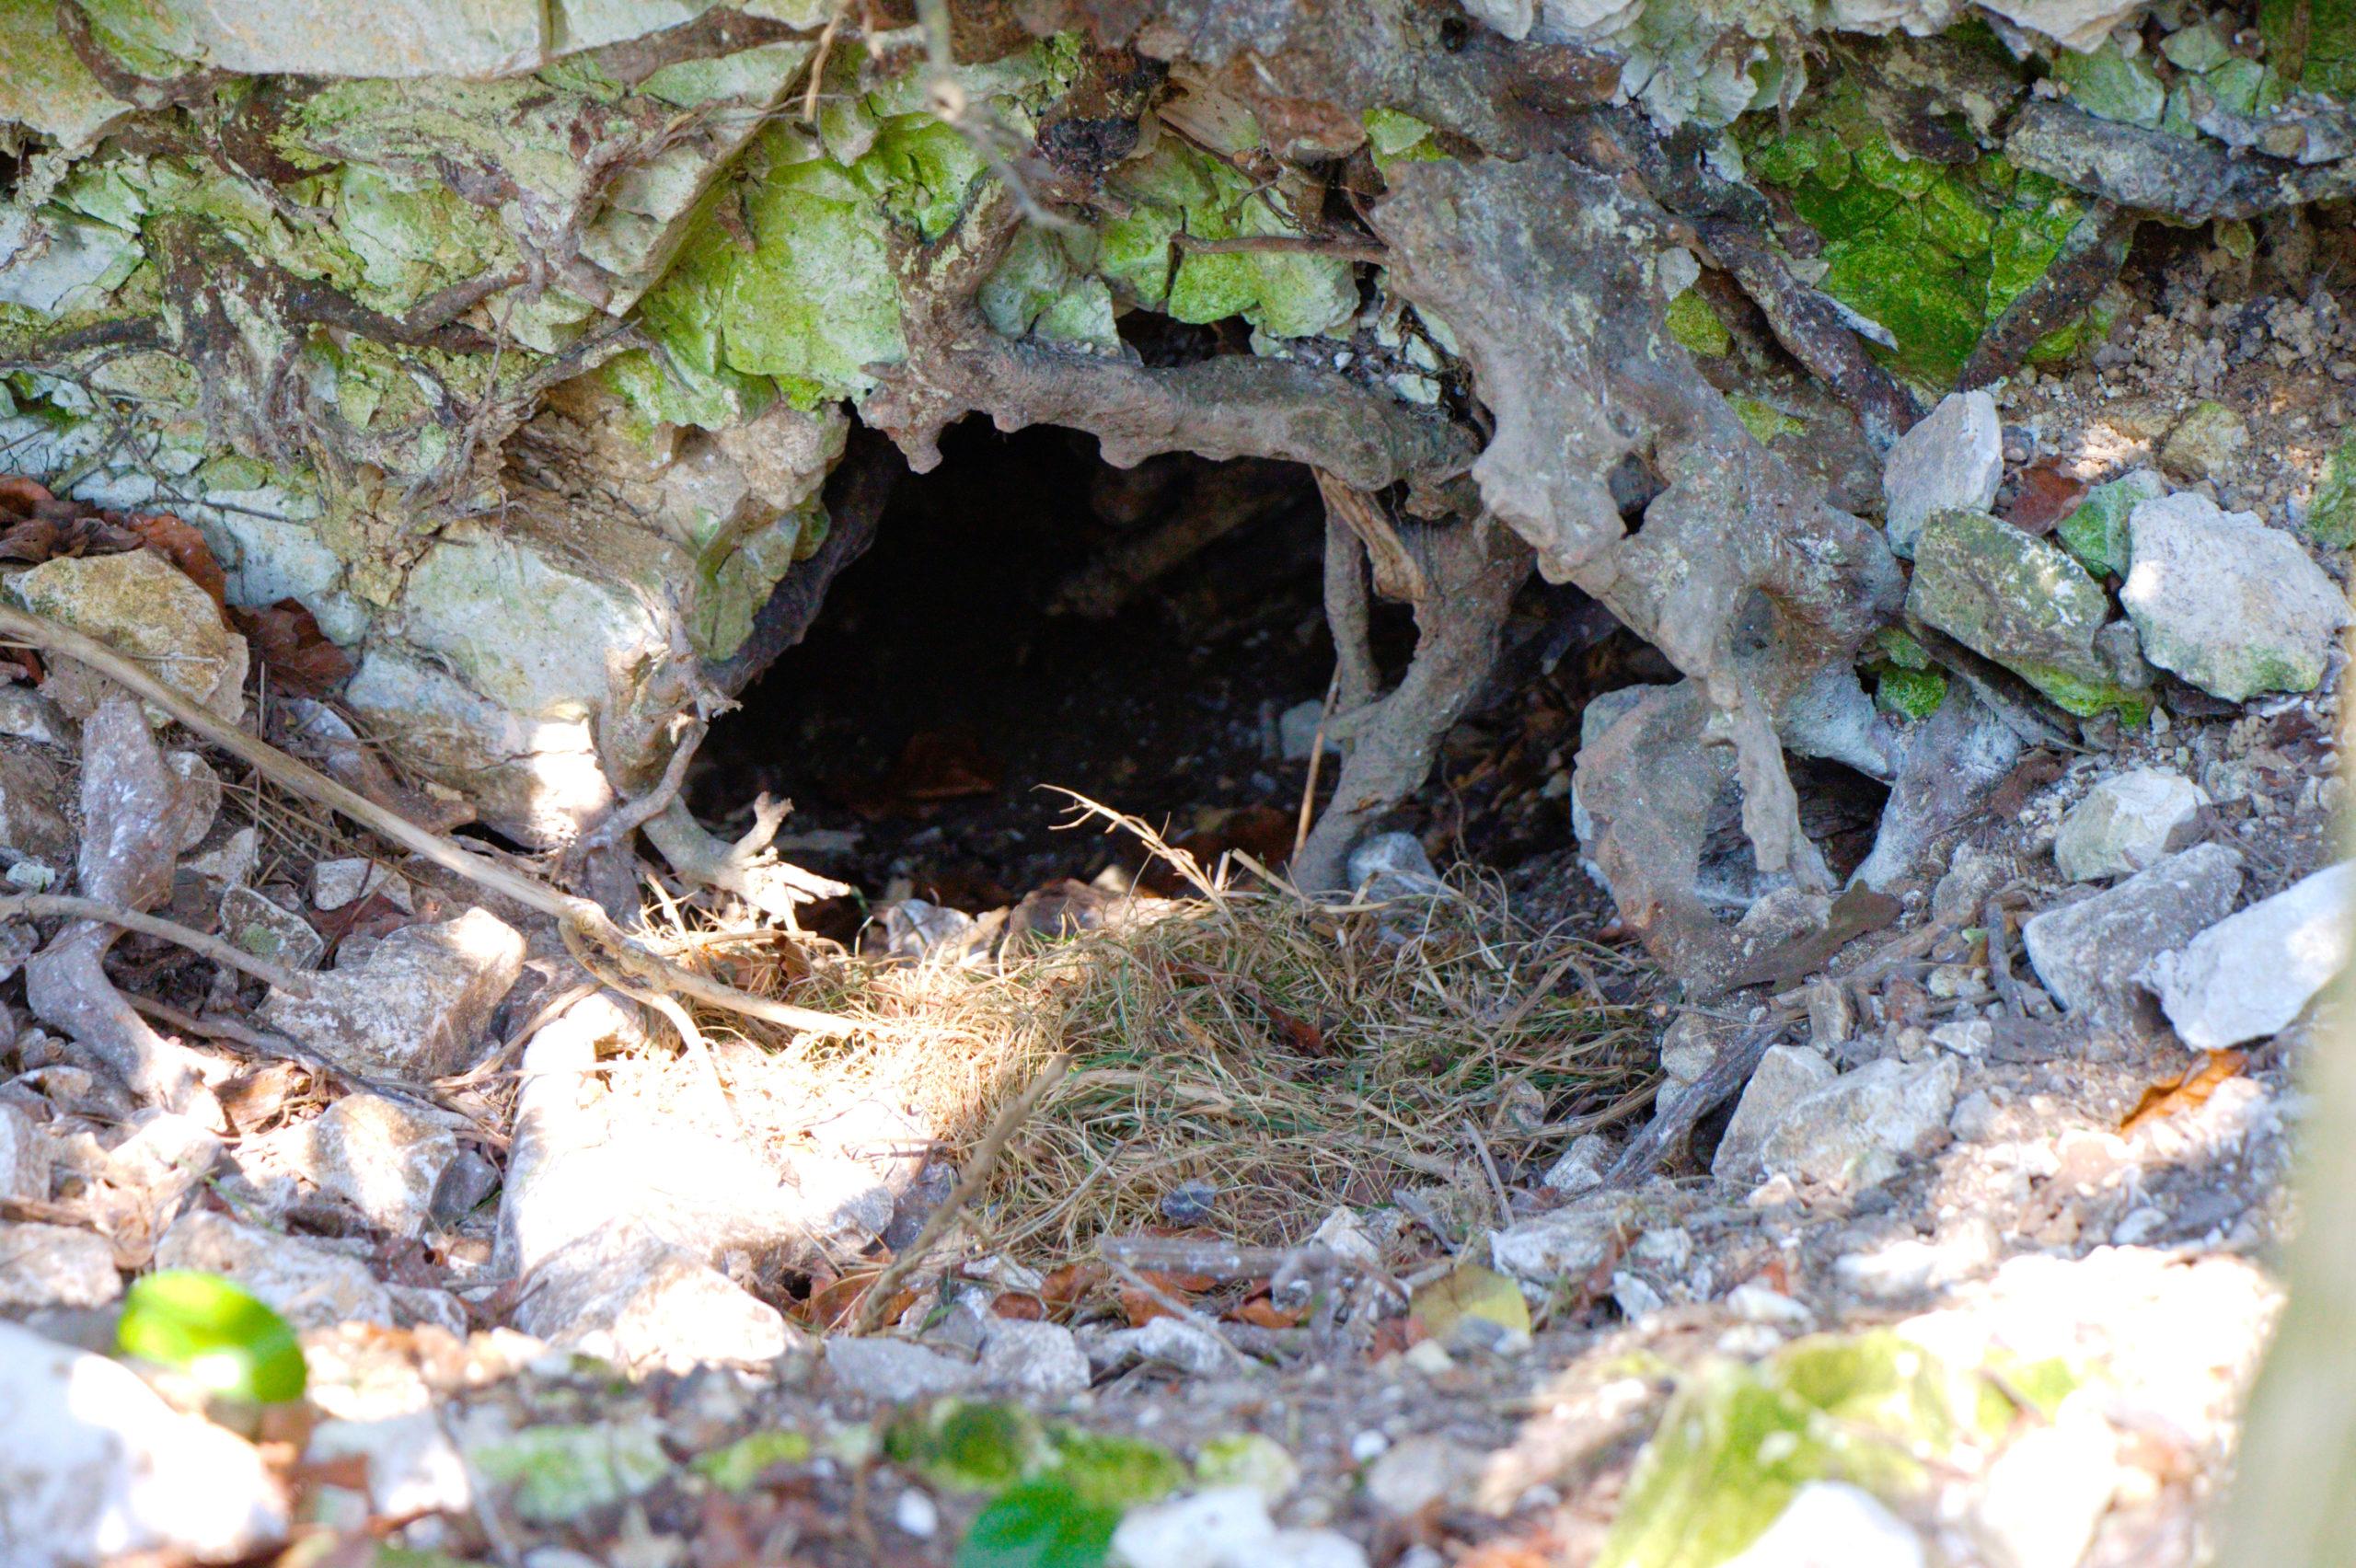 Badger sett - Bovine TB